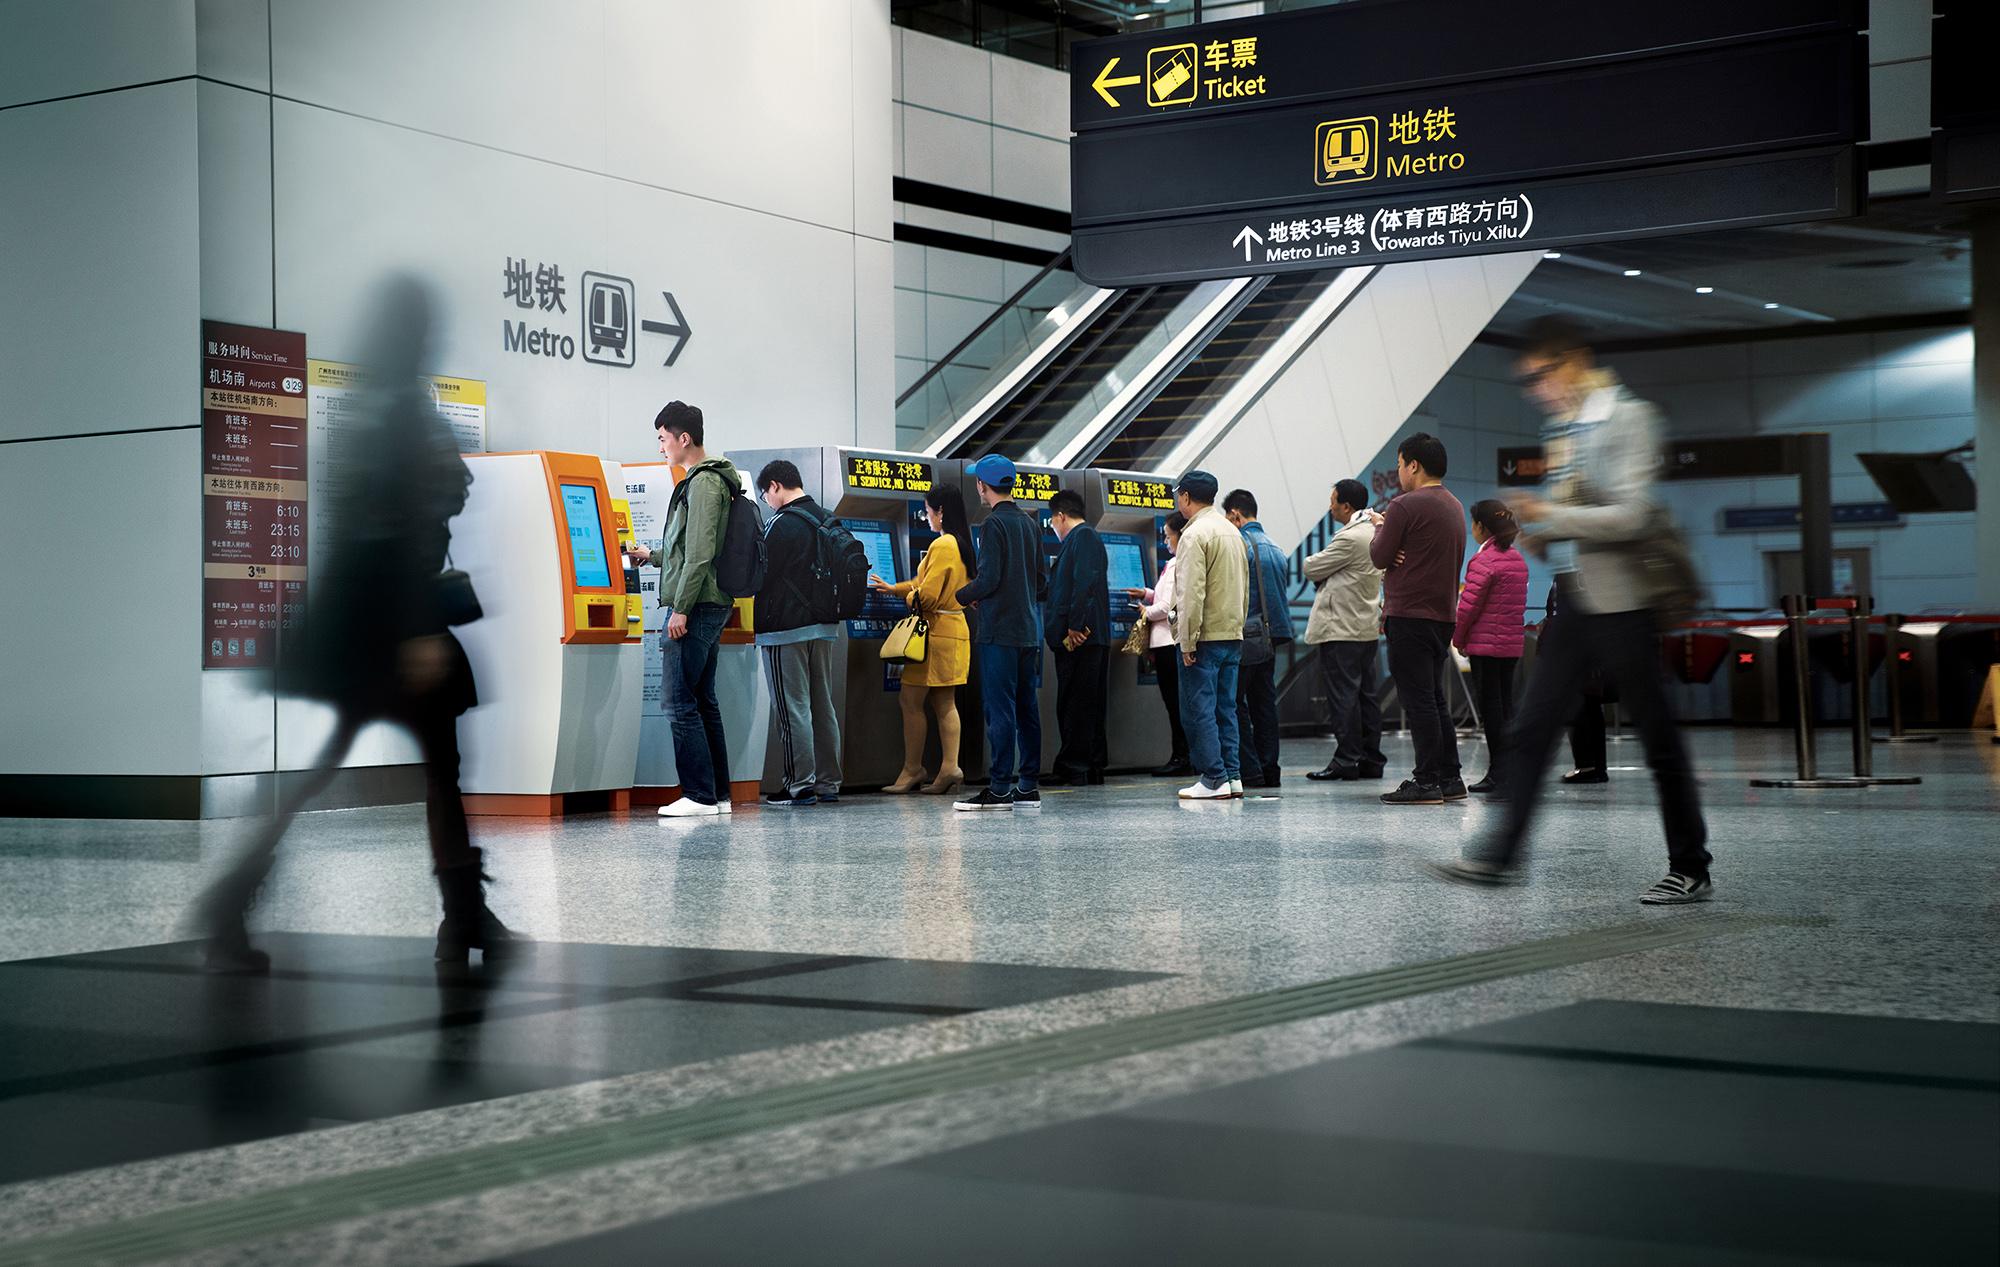 Mayijinfu_2017SS_19_Guangzhou Metro